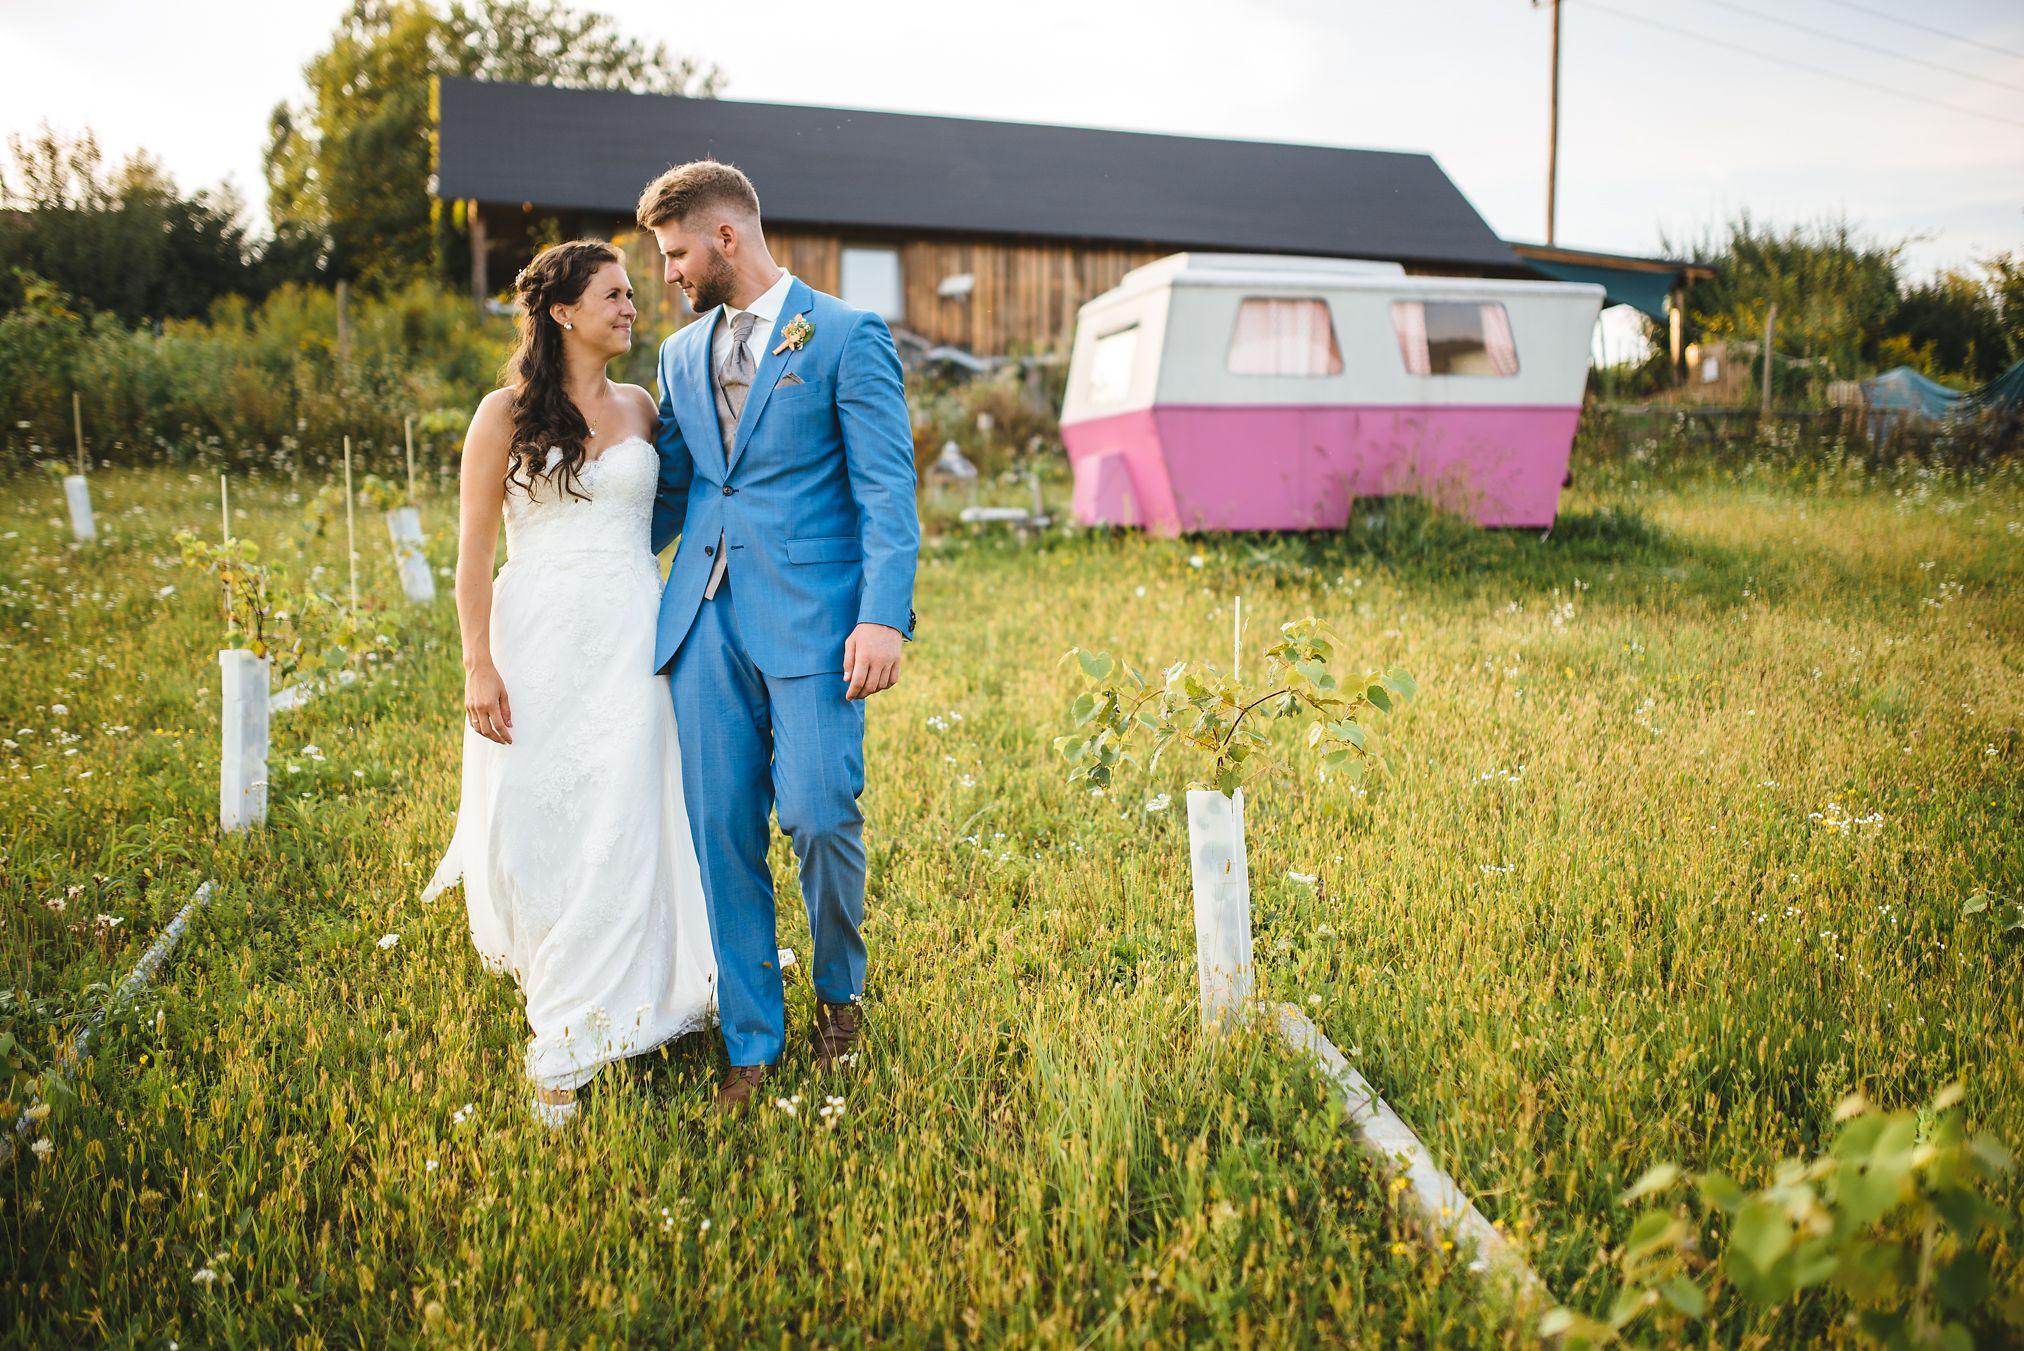 Hochzeit-Traeumerei-64.jpg